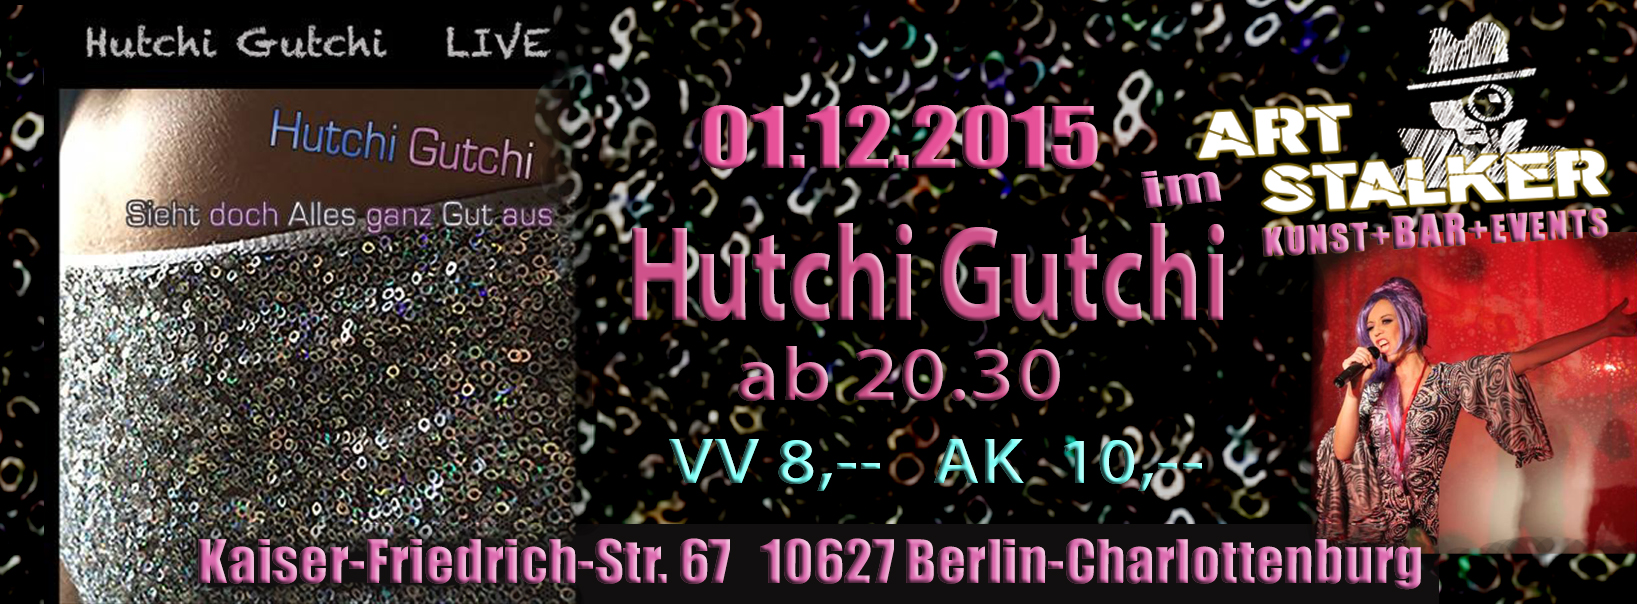 hutchi-gutchi